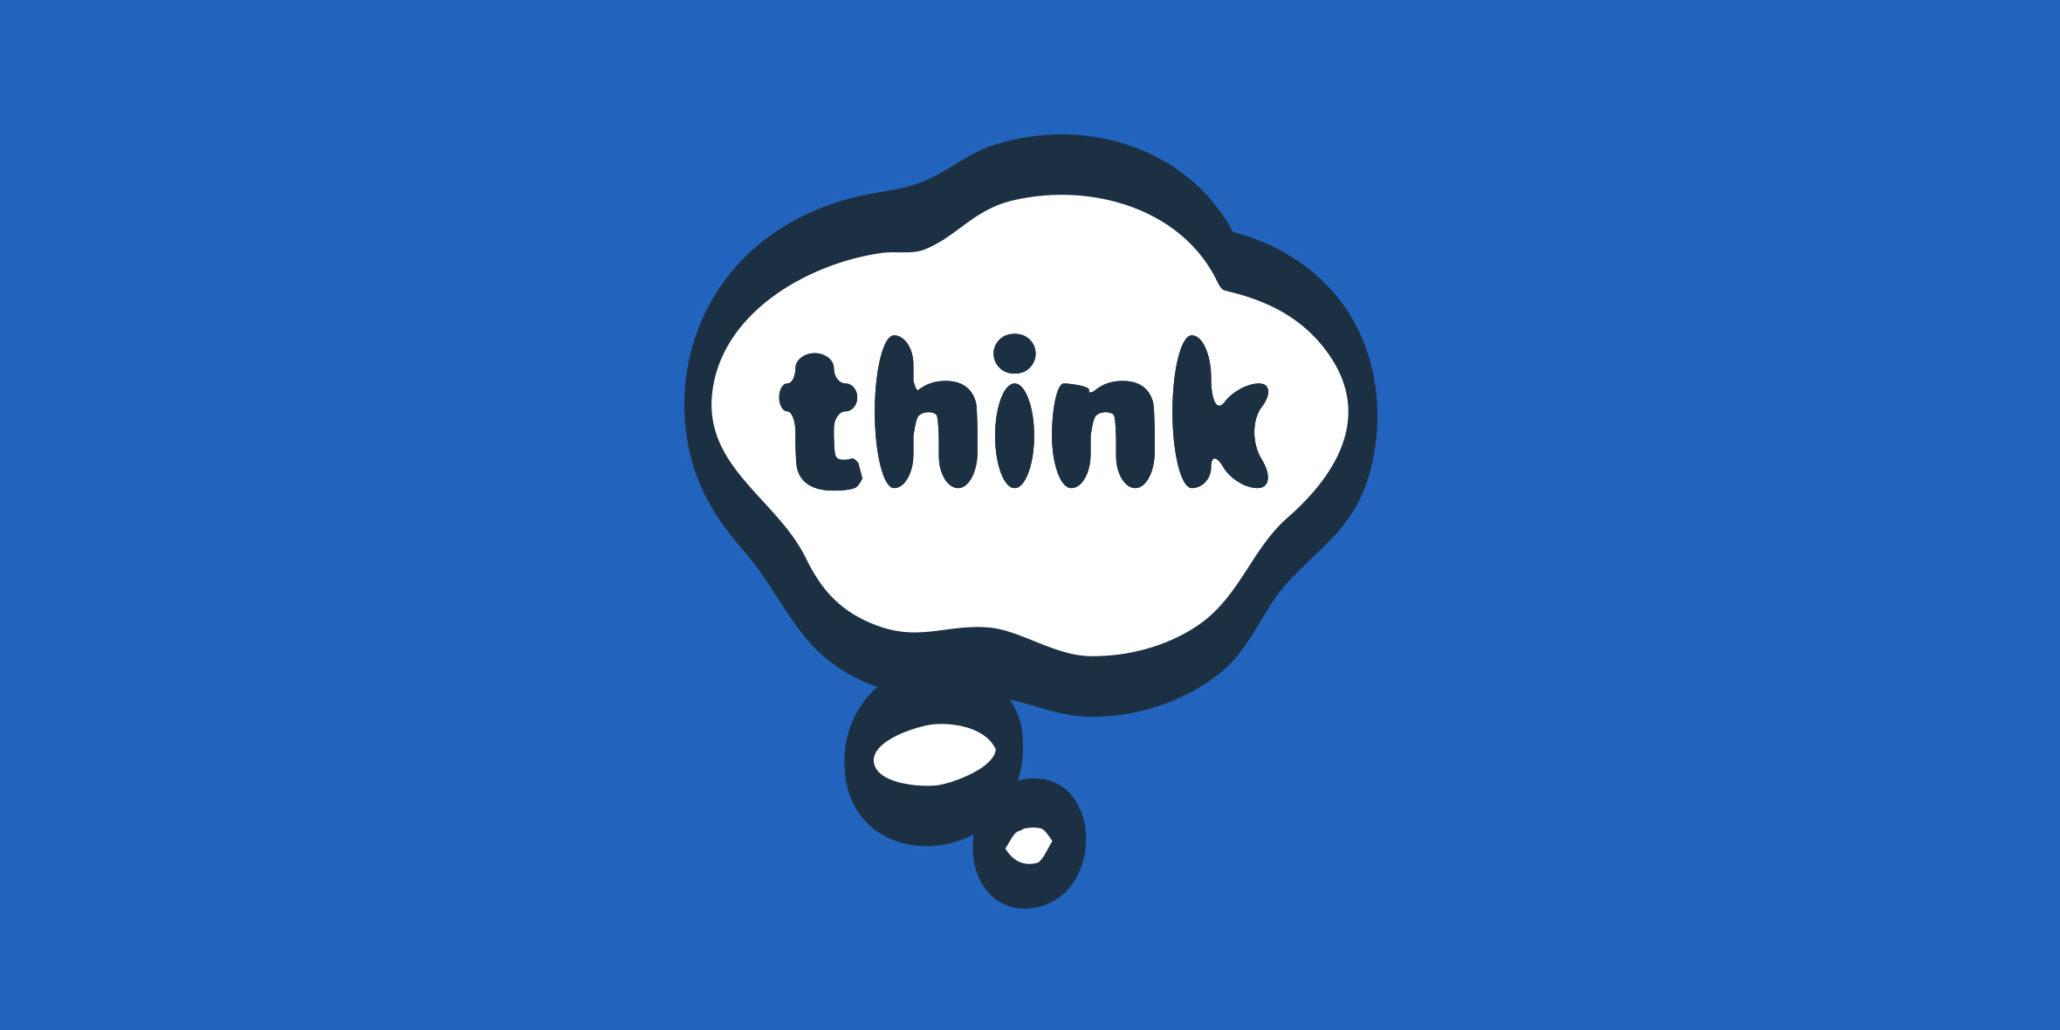 think bubble logo on royal blue background